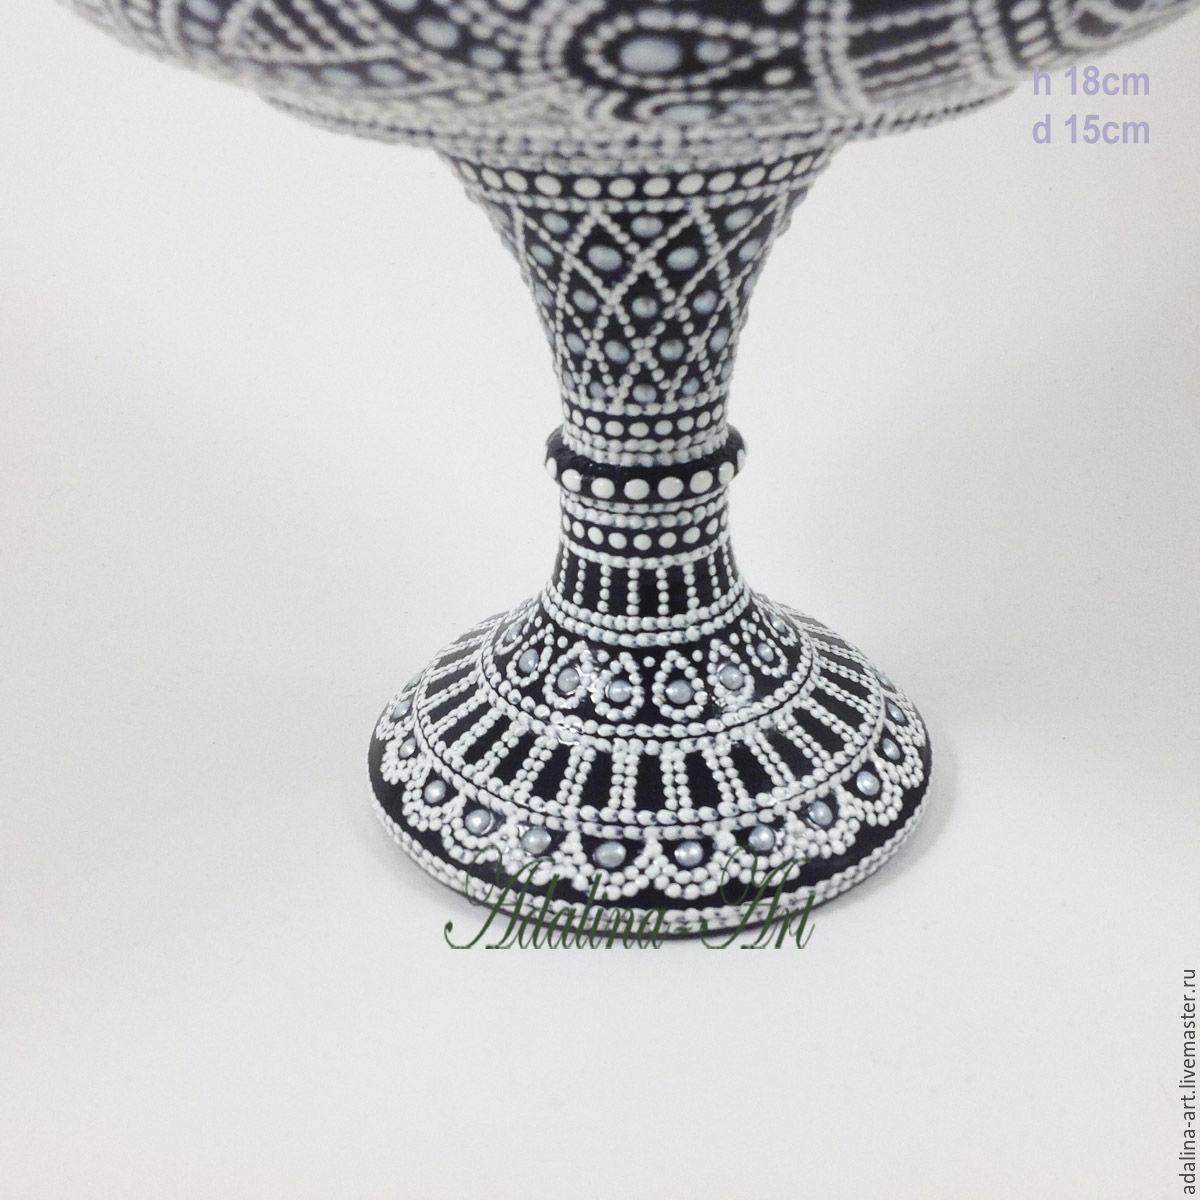 Конфетница белый танец ваза кубок Точечная роспись